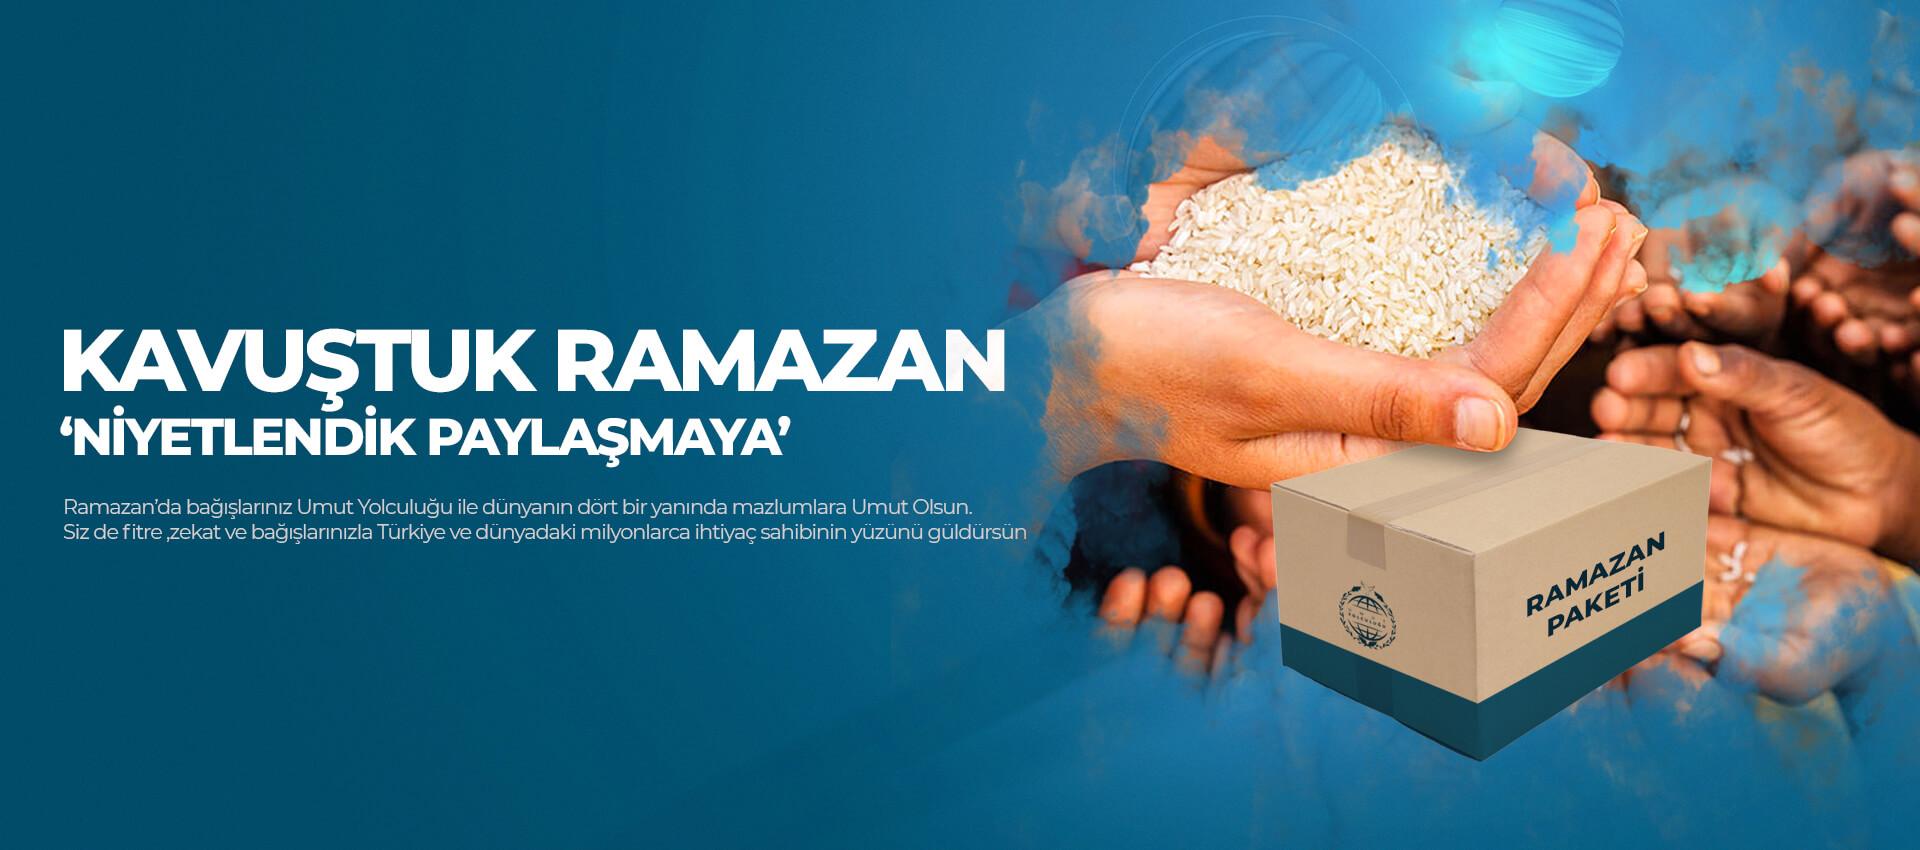 Umut Yolculuğu Derneği Ramazan Faaliyetleri